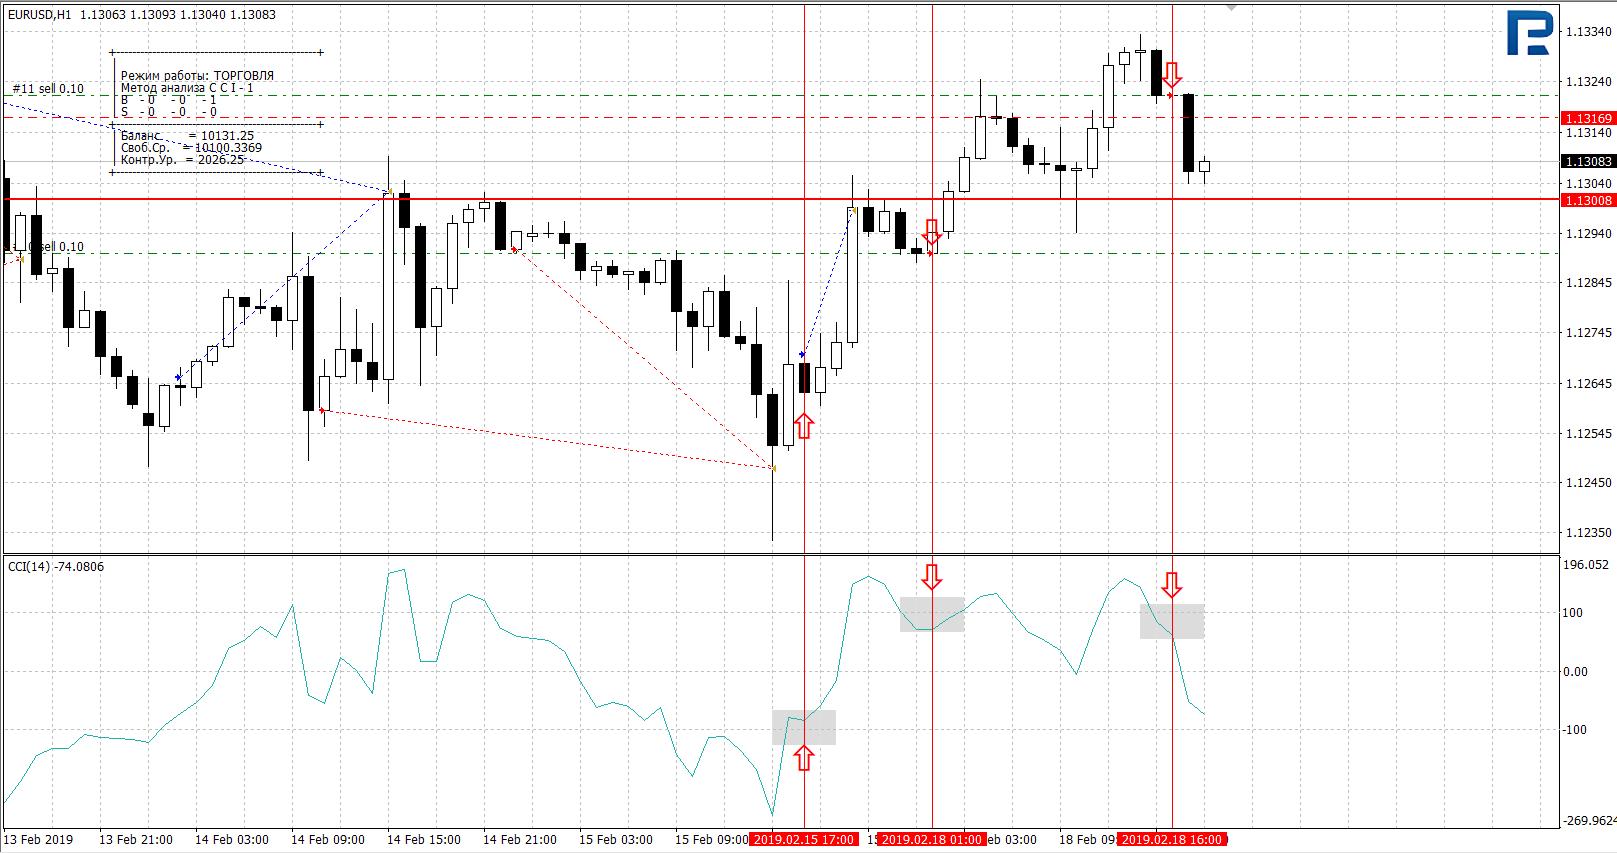 bināro opciju tirdzniecības stratēģijas brīdis